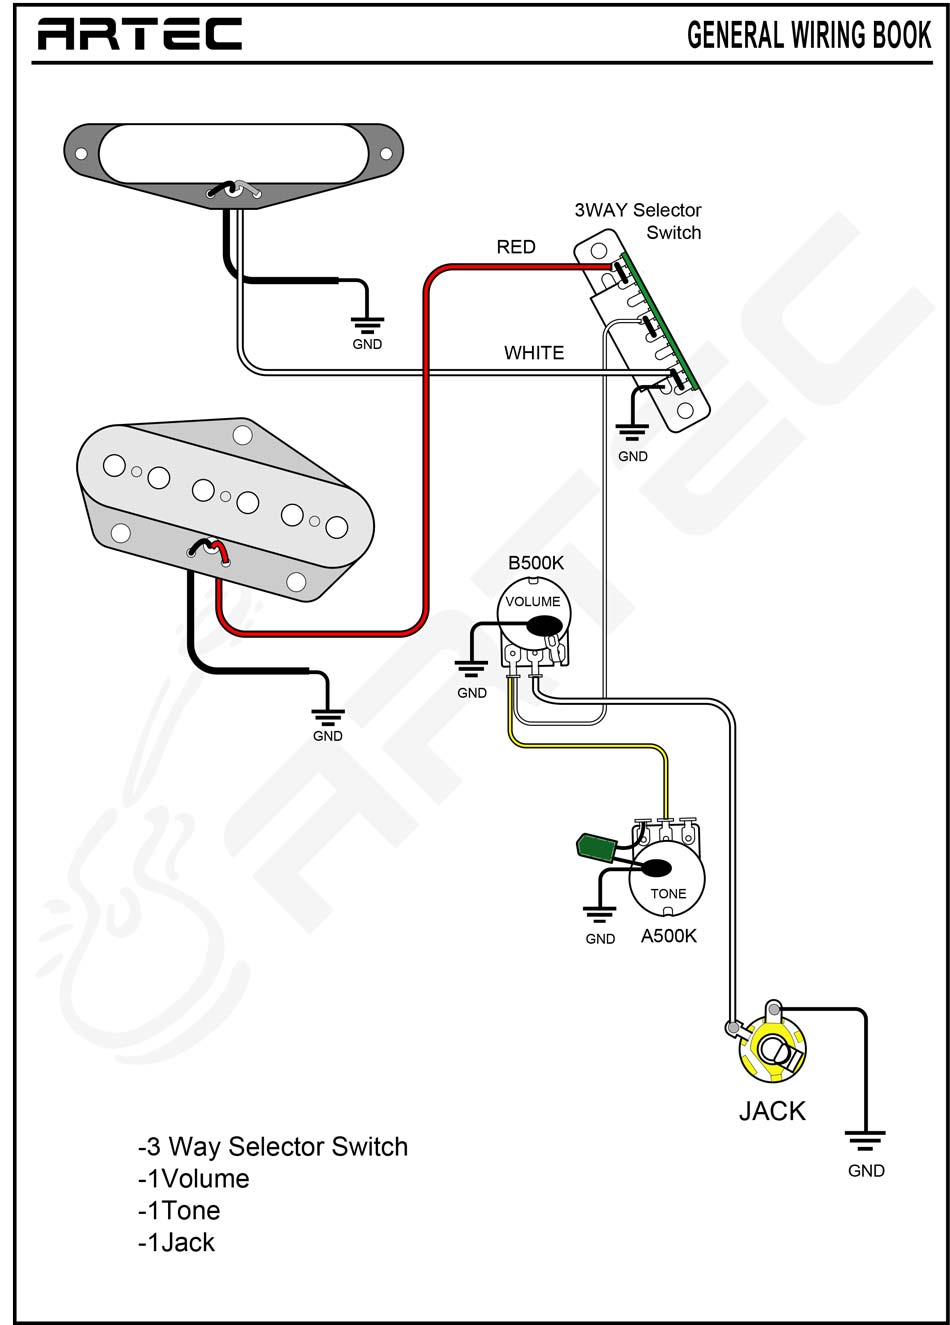 วิธีต่อปิ๊กอัพกีตาร์ Telecaster Artec